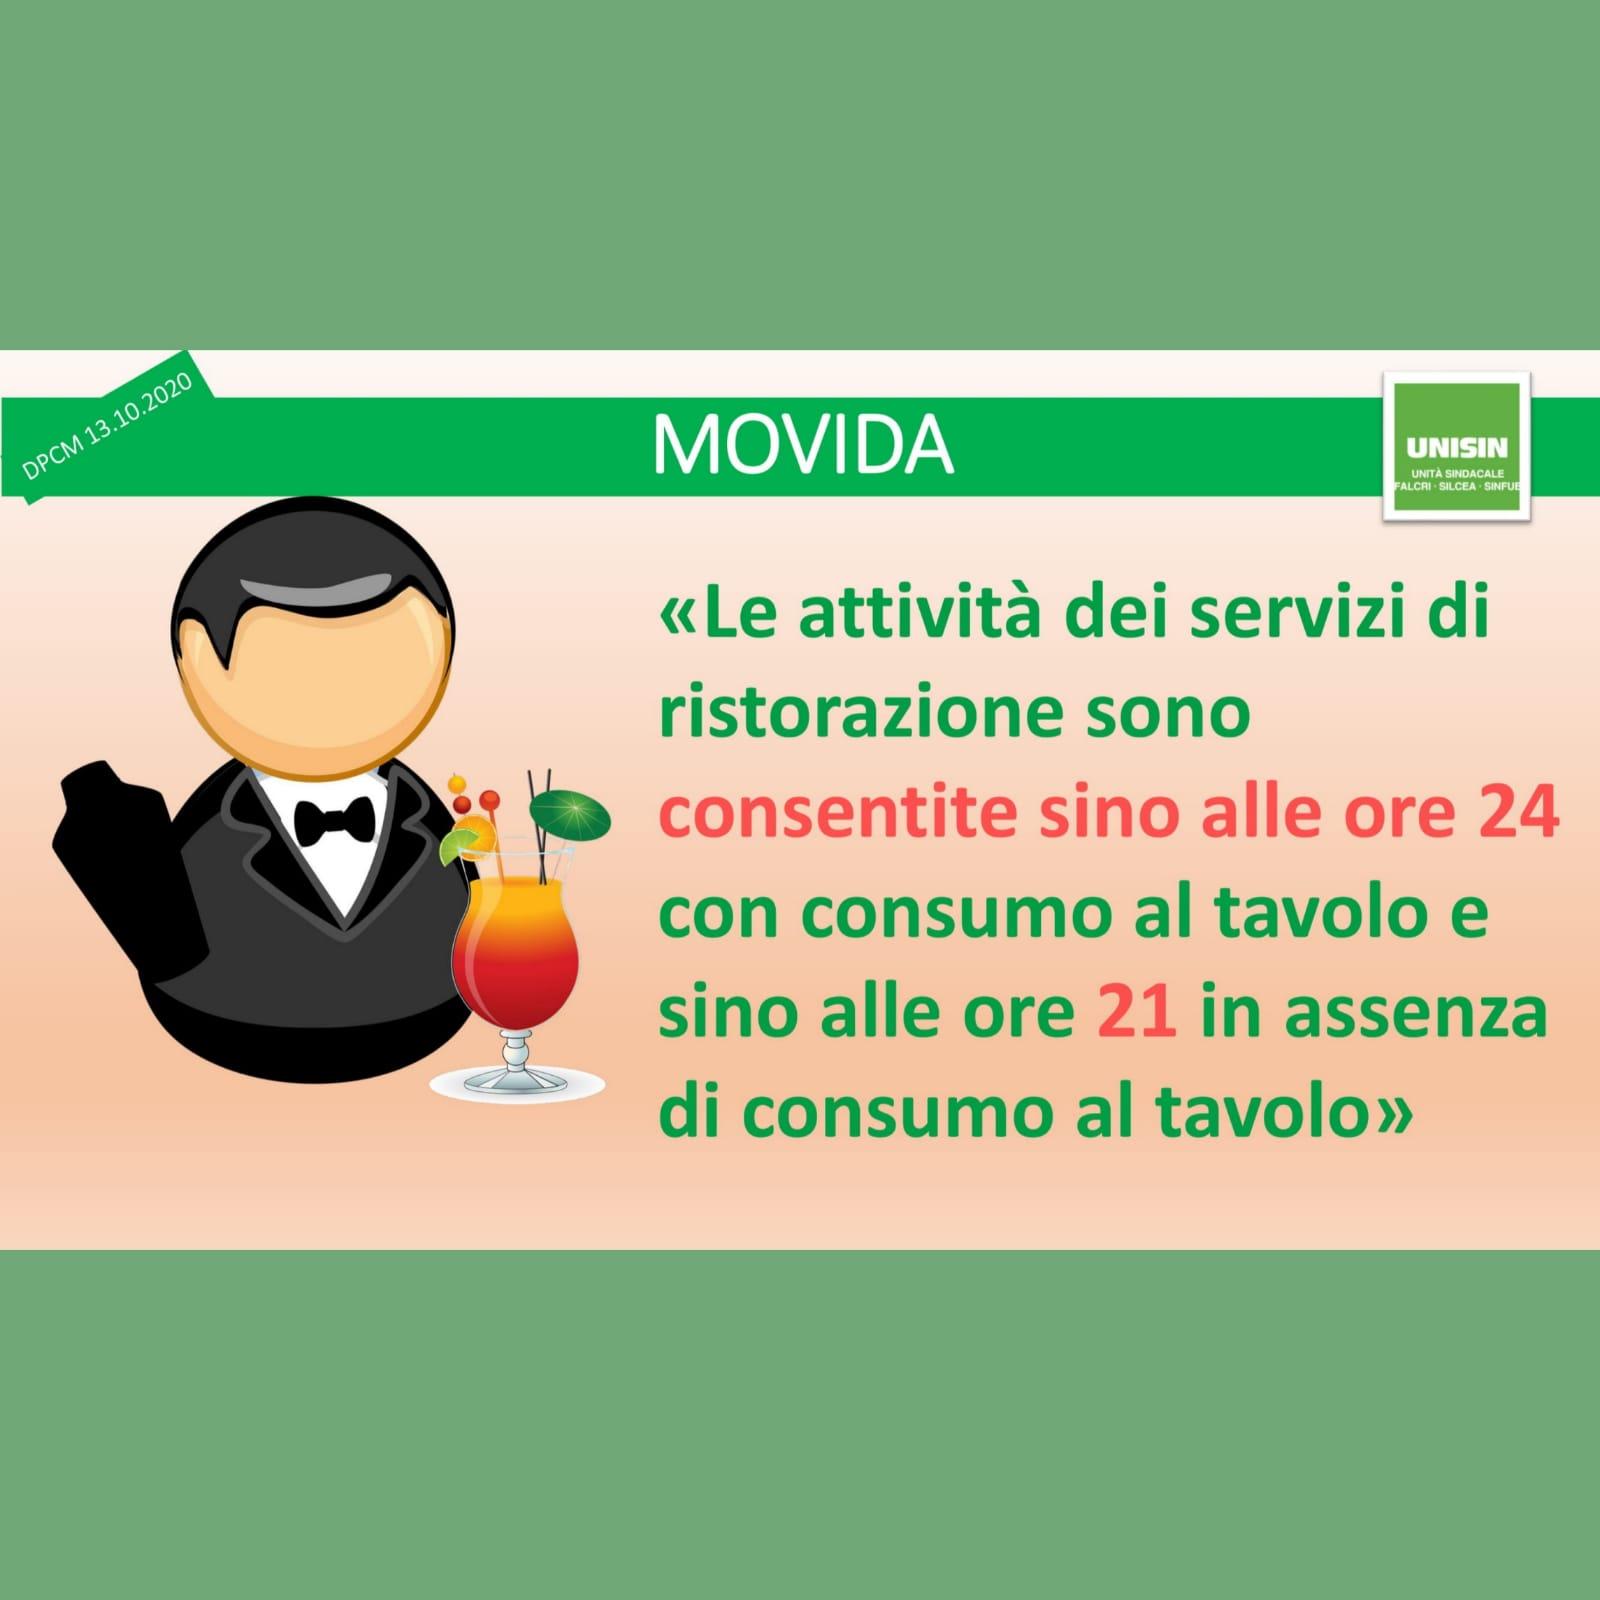 DPCM-13102020-Infografiche_2